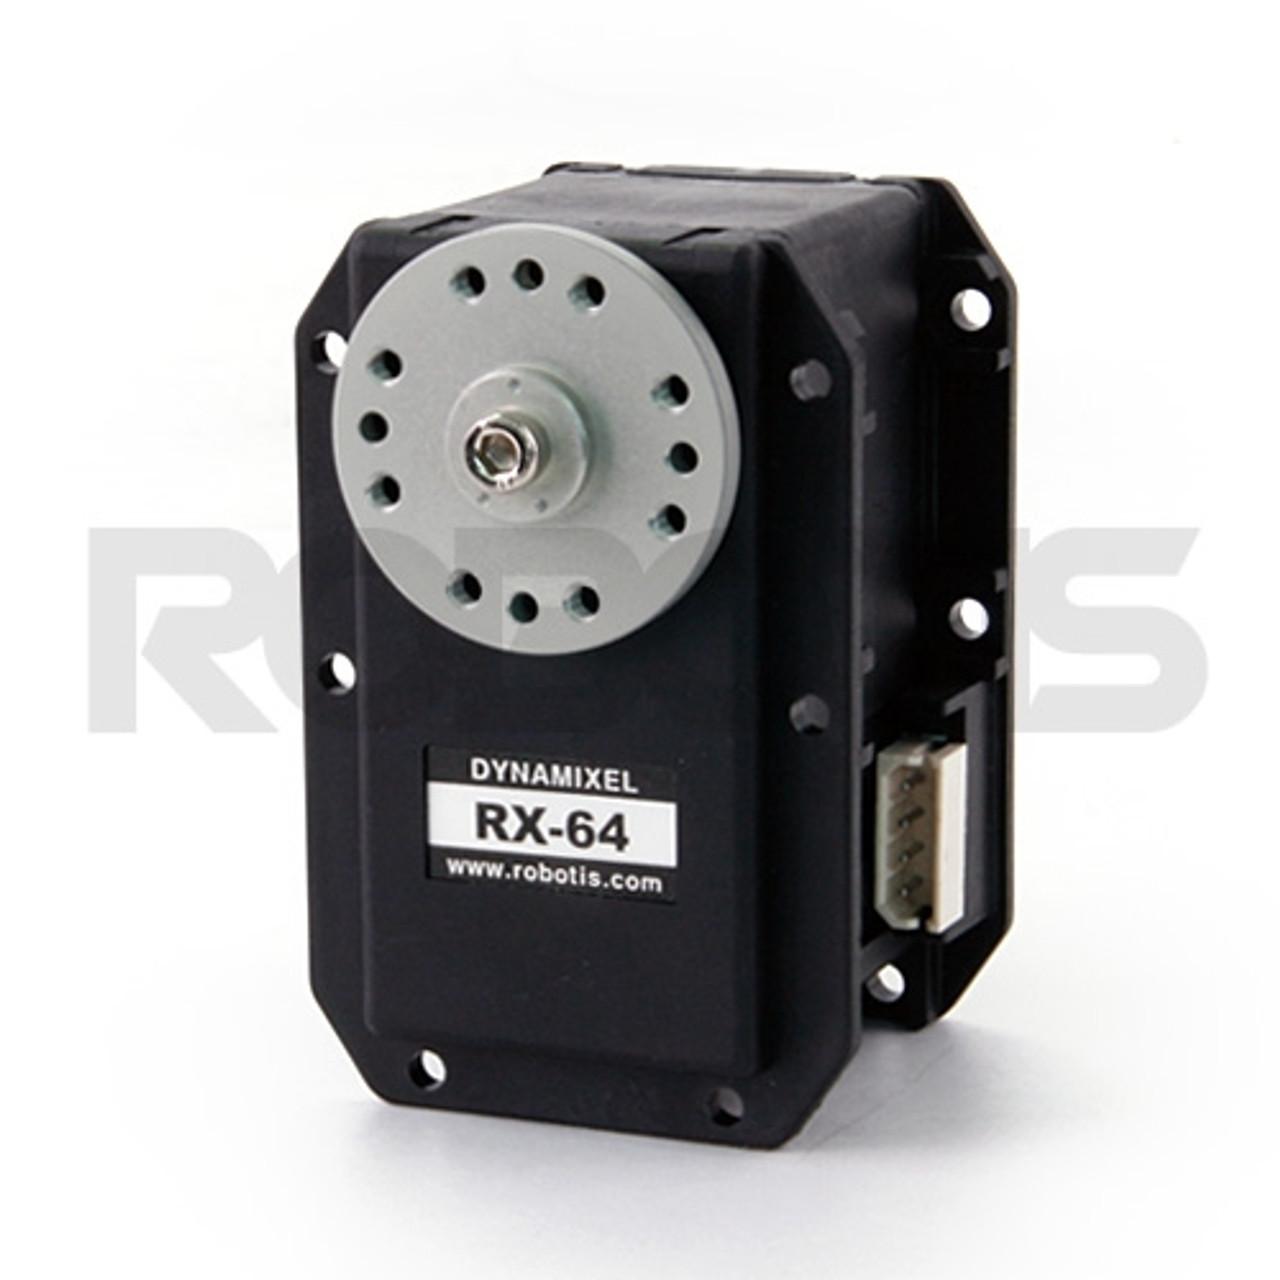 DYNAMIXEL RX-64 HN05-N1